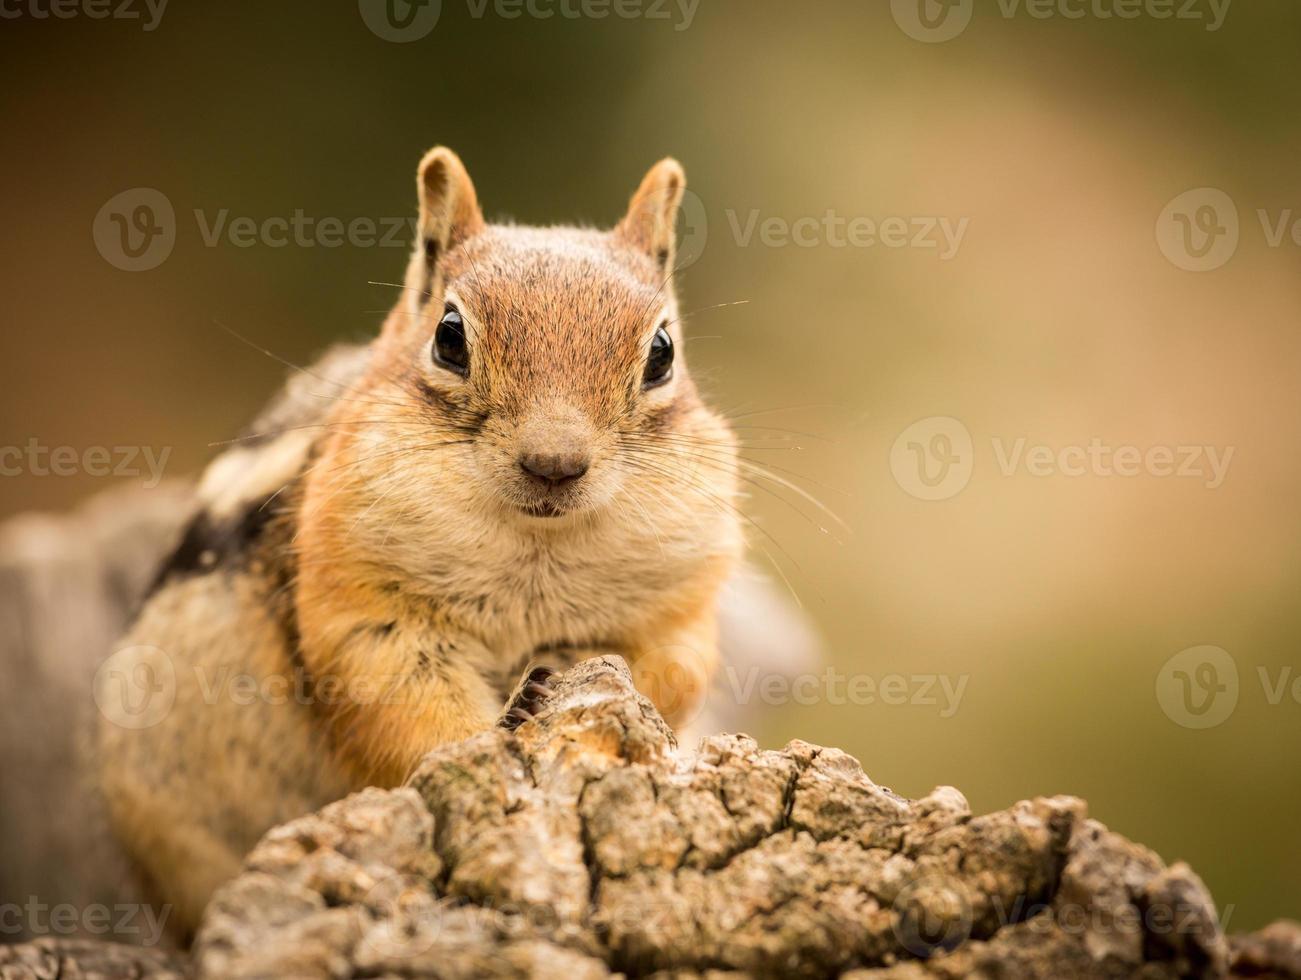 söt chipmunk bra matad på nötter och frön foto